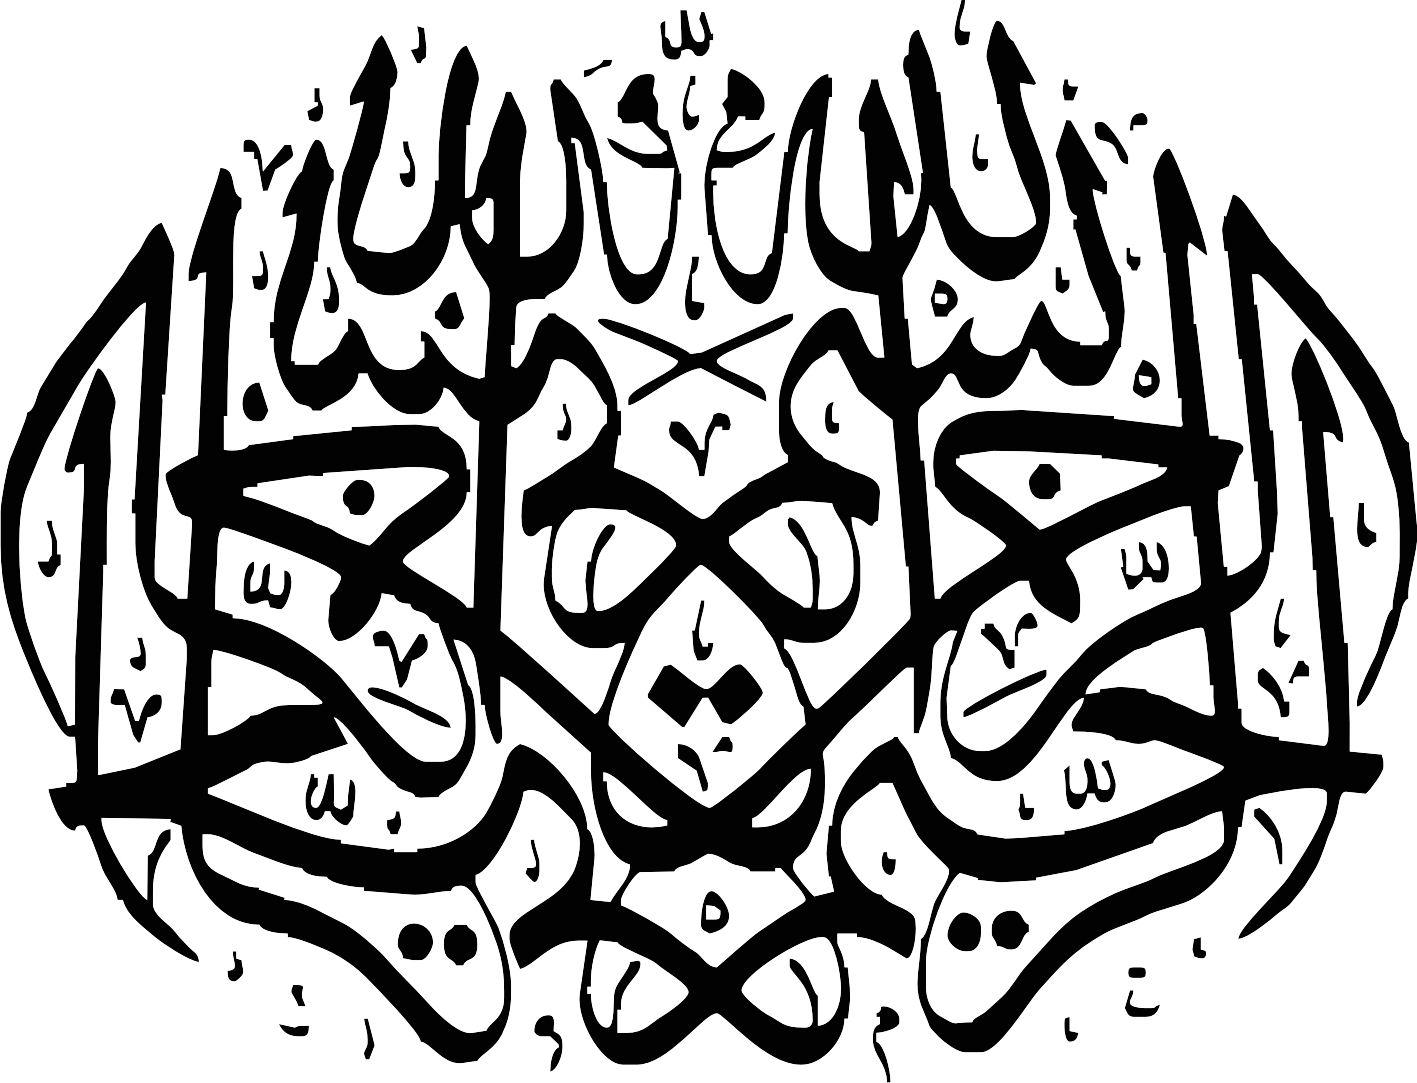 06 - طرح های  بسم الله الرحمن الرحیم برای مقاله و پایان نامه